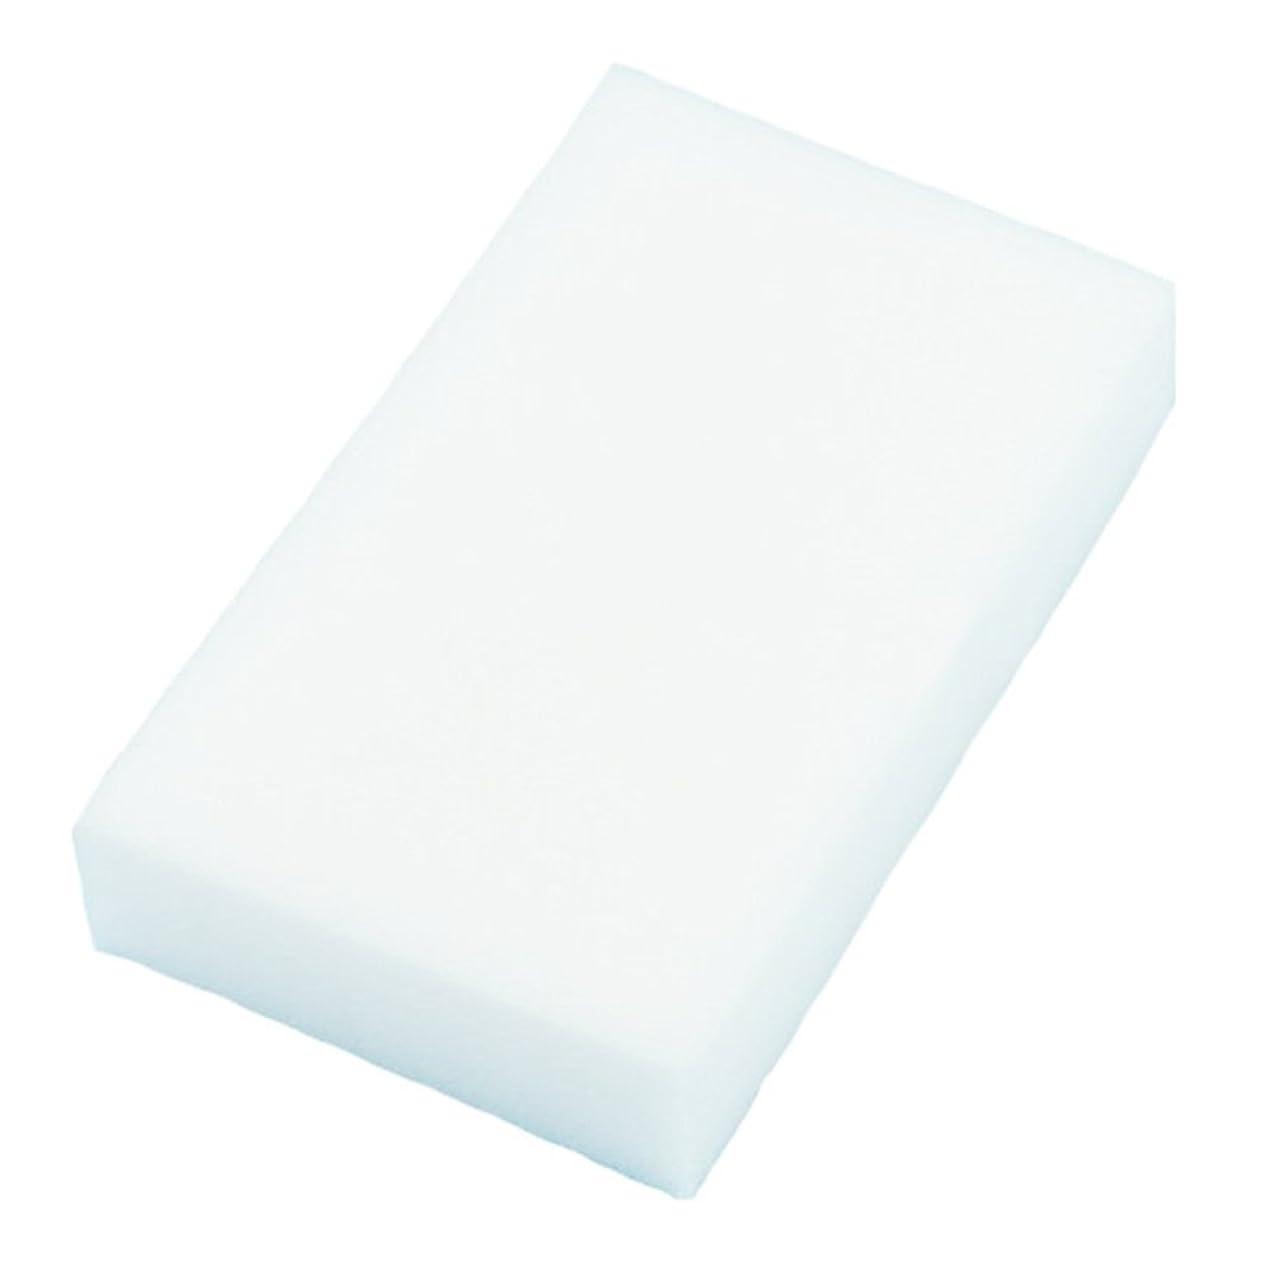 再集計チャート解釈的ACAMPTAR 20xマジックマルチスポンジ クリーンフォームクリーナー クレンジング消しゴム 洗車キッチン 10cmX6cmX2cm(白)